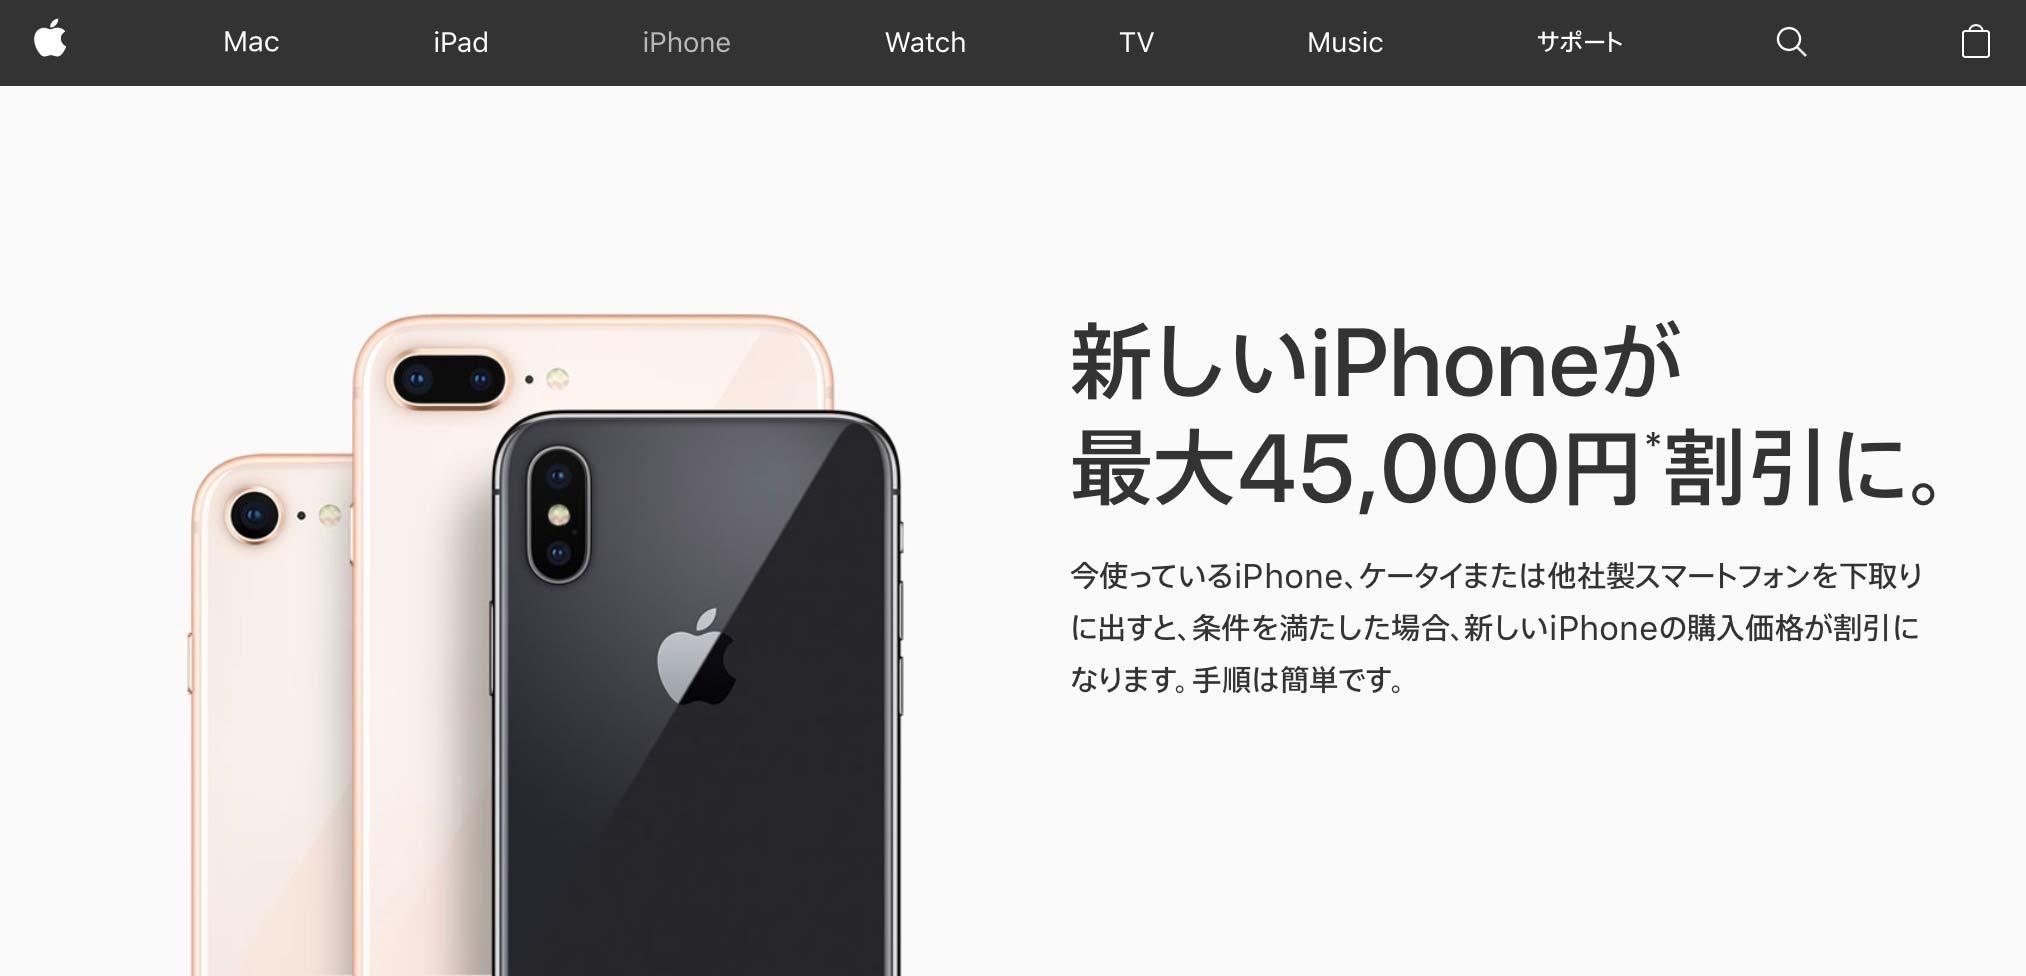 Apple、「iPhone下取りキャンペーン」の下取り額を改定 ― 多くモデルが下取り額減額に(2018年1月)